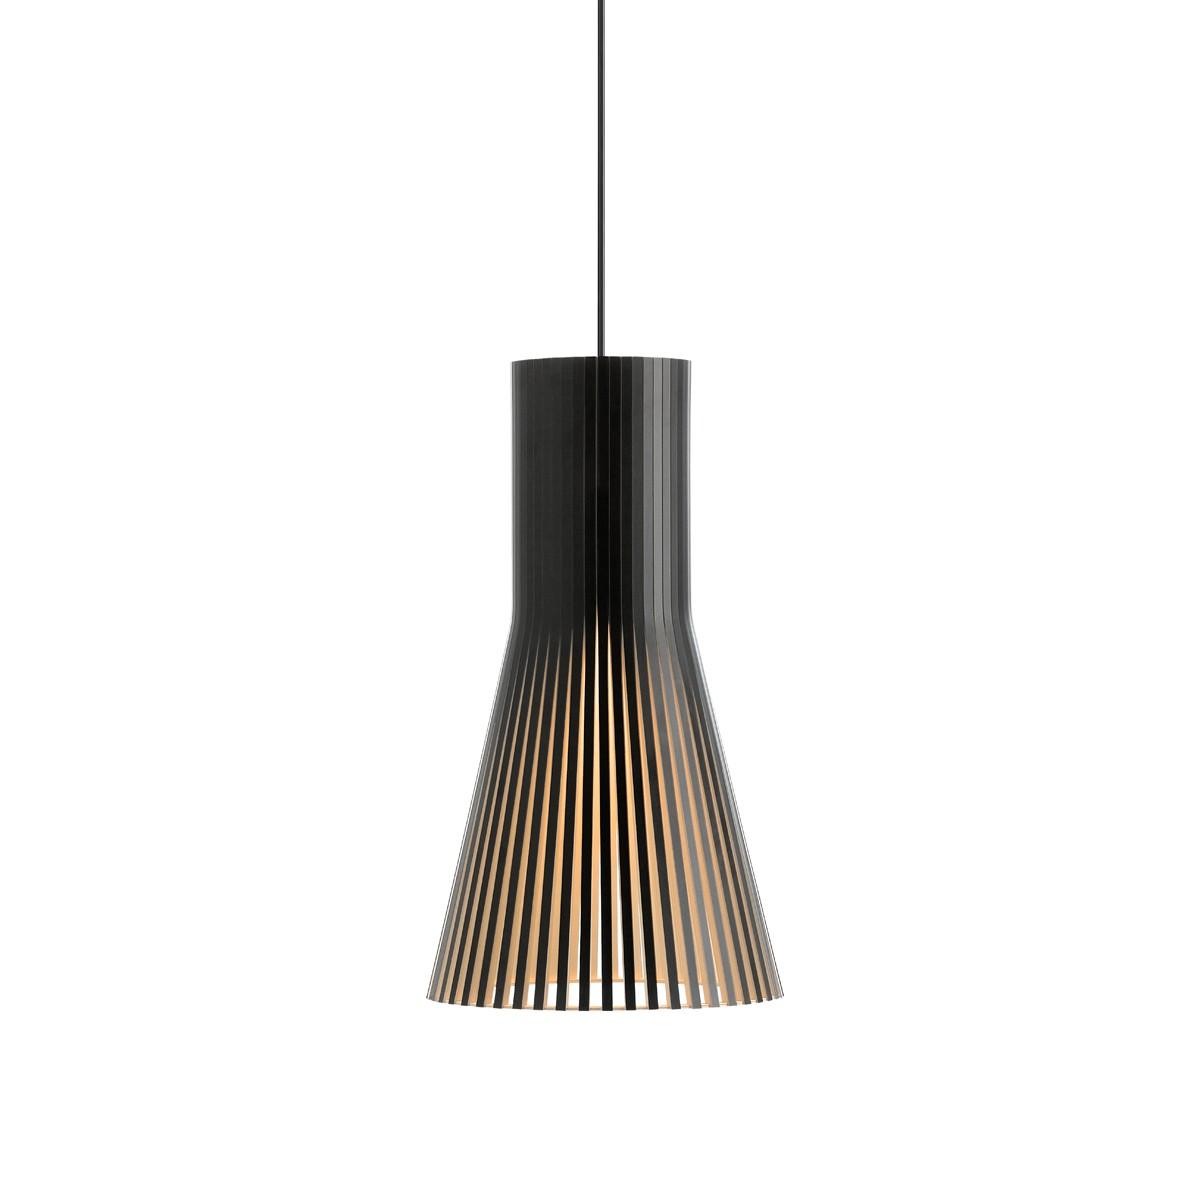 Secto Design Secto 4201 Pendelleuchte, schwarz laminiert, Kabel: schwarz